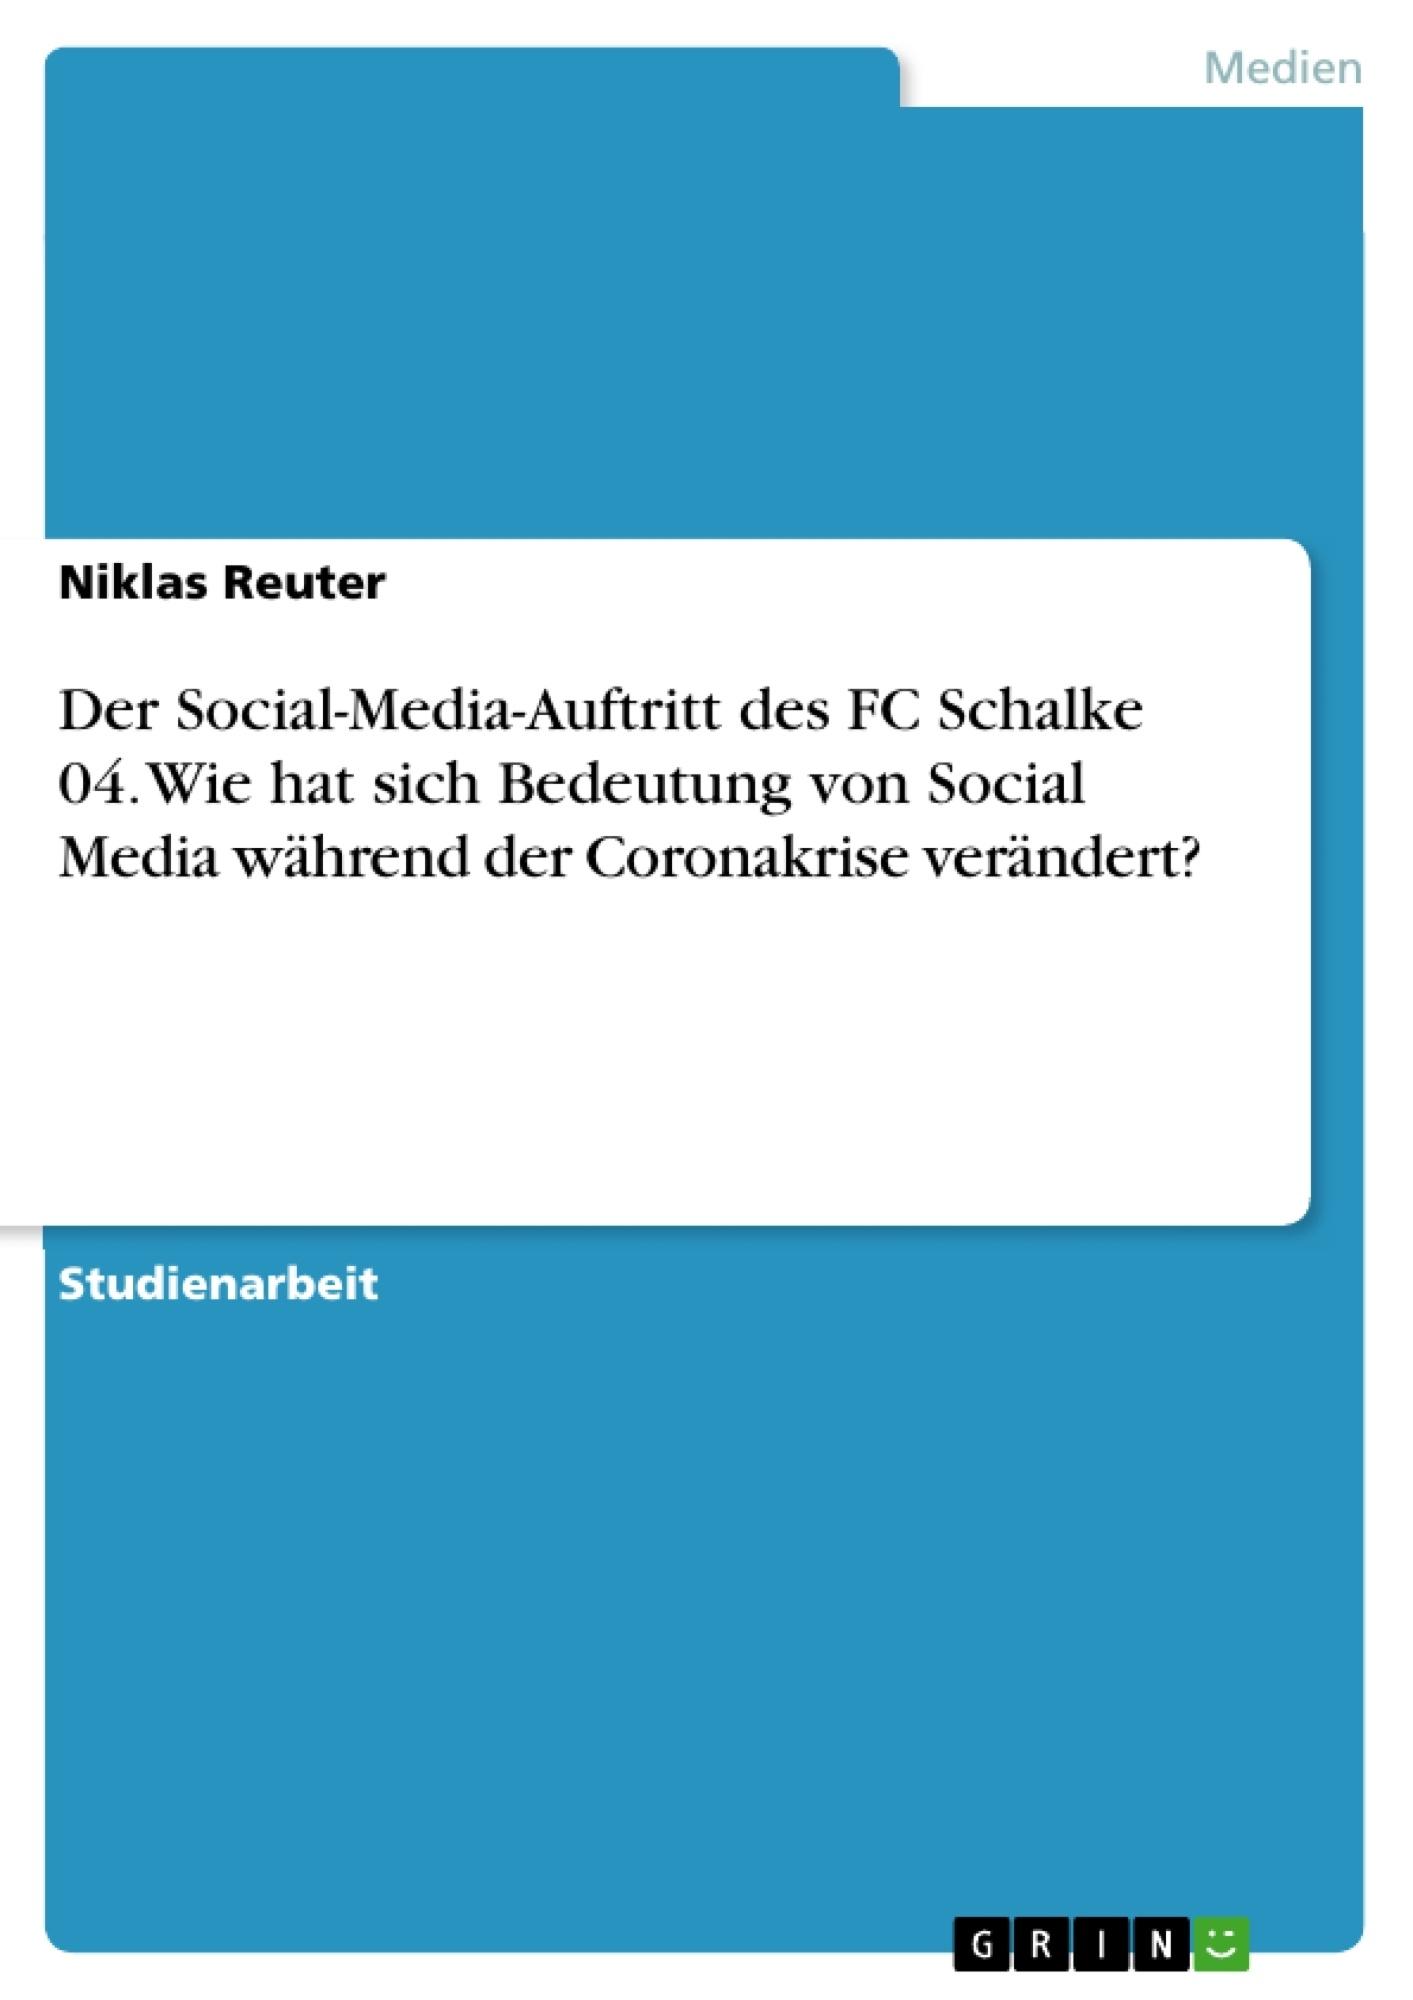 Titel: Der Social-Media-Auftritt des FC Schalke 04. Wie hat sich Bedeutung von Social Media während der Coronakrise verändert?